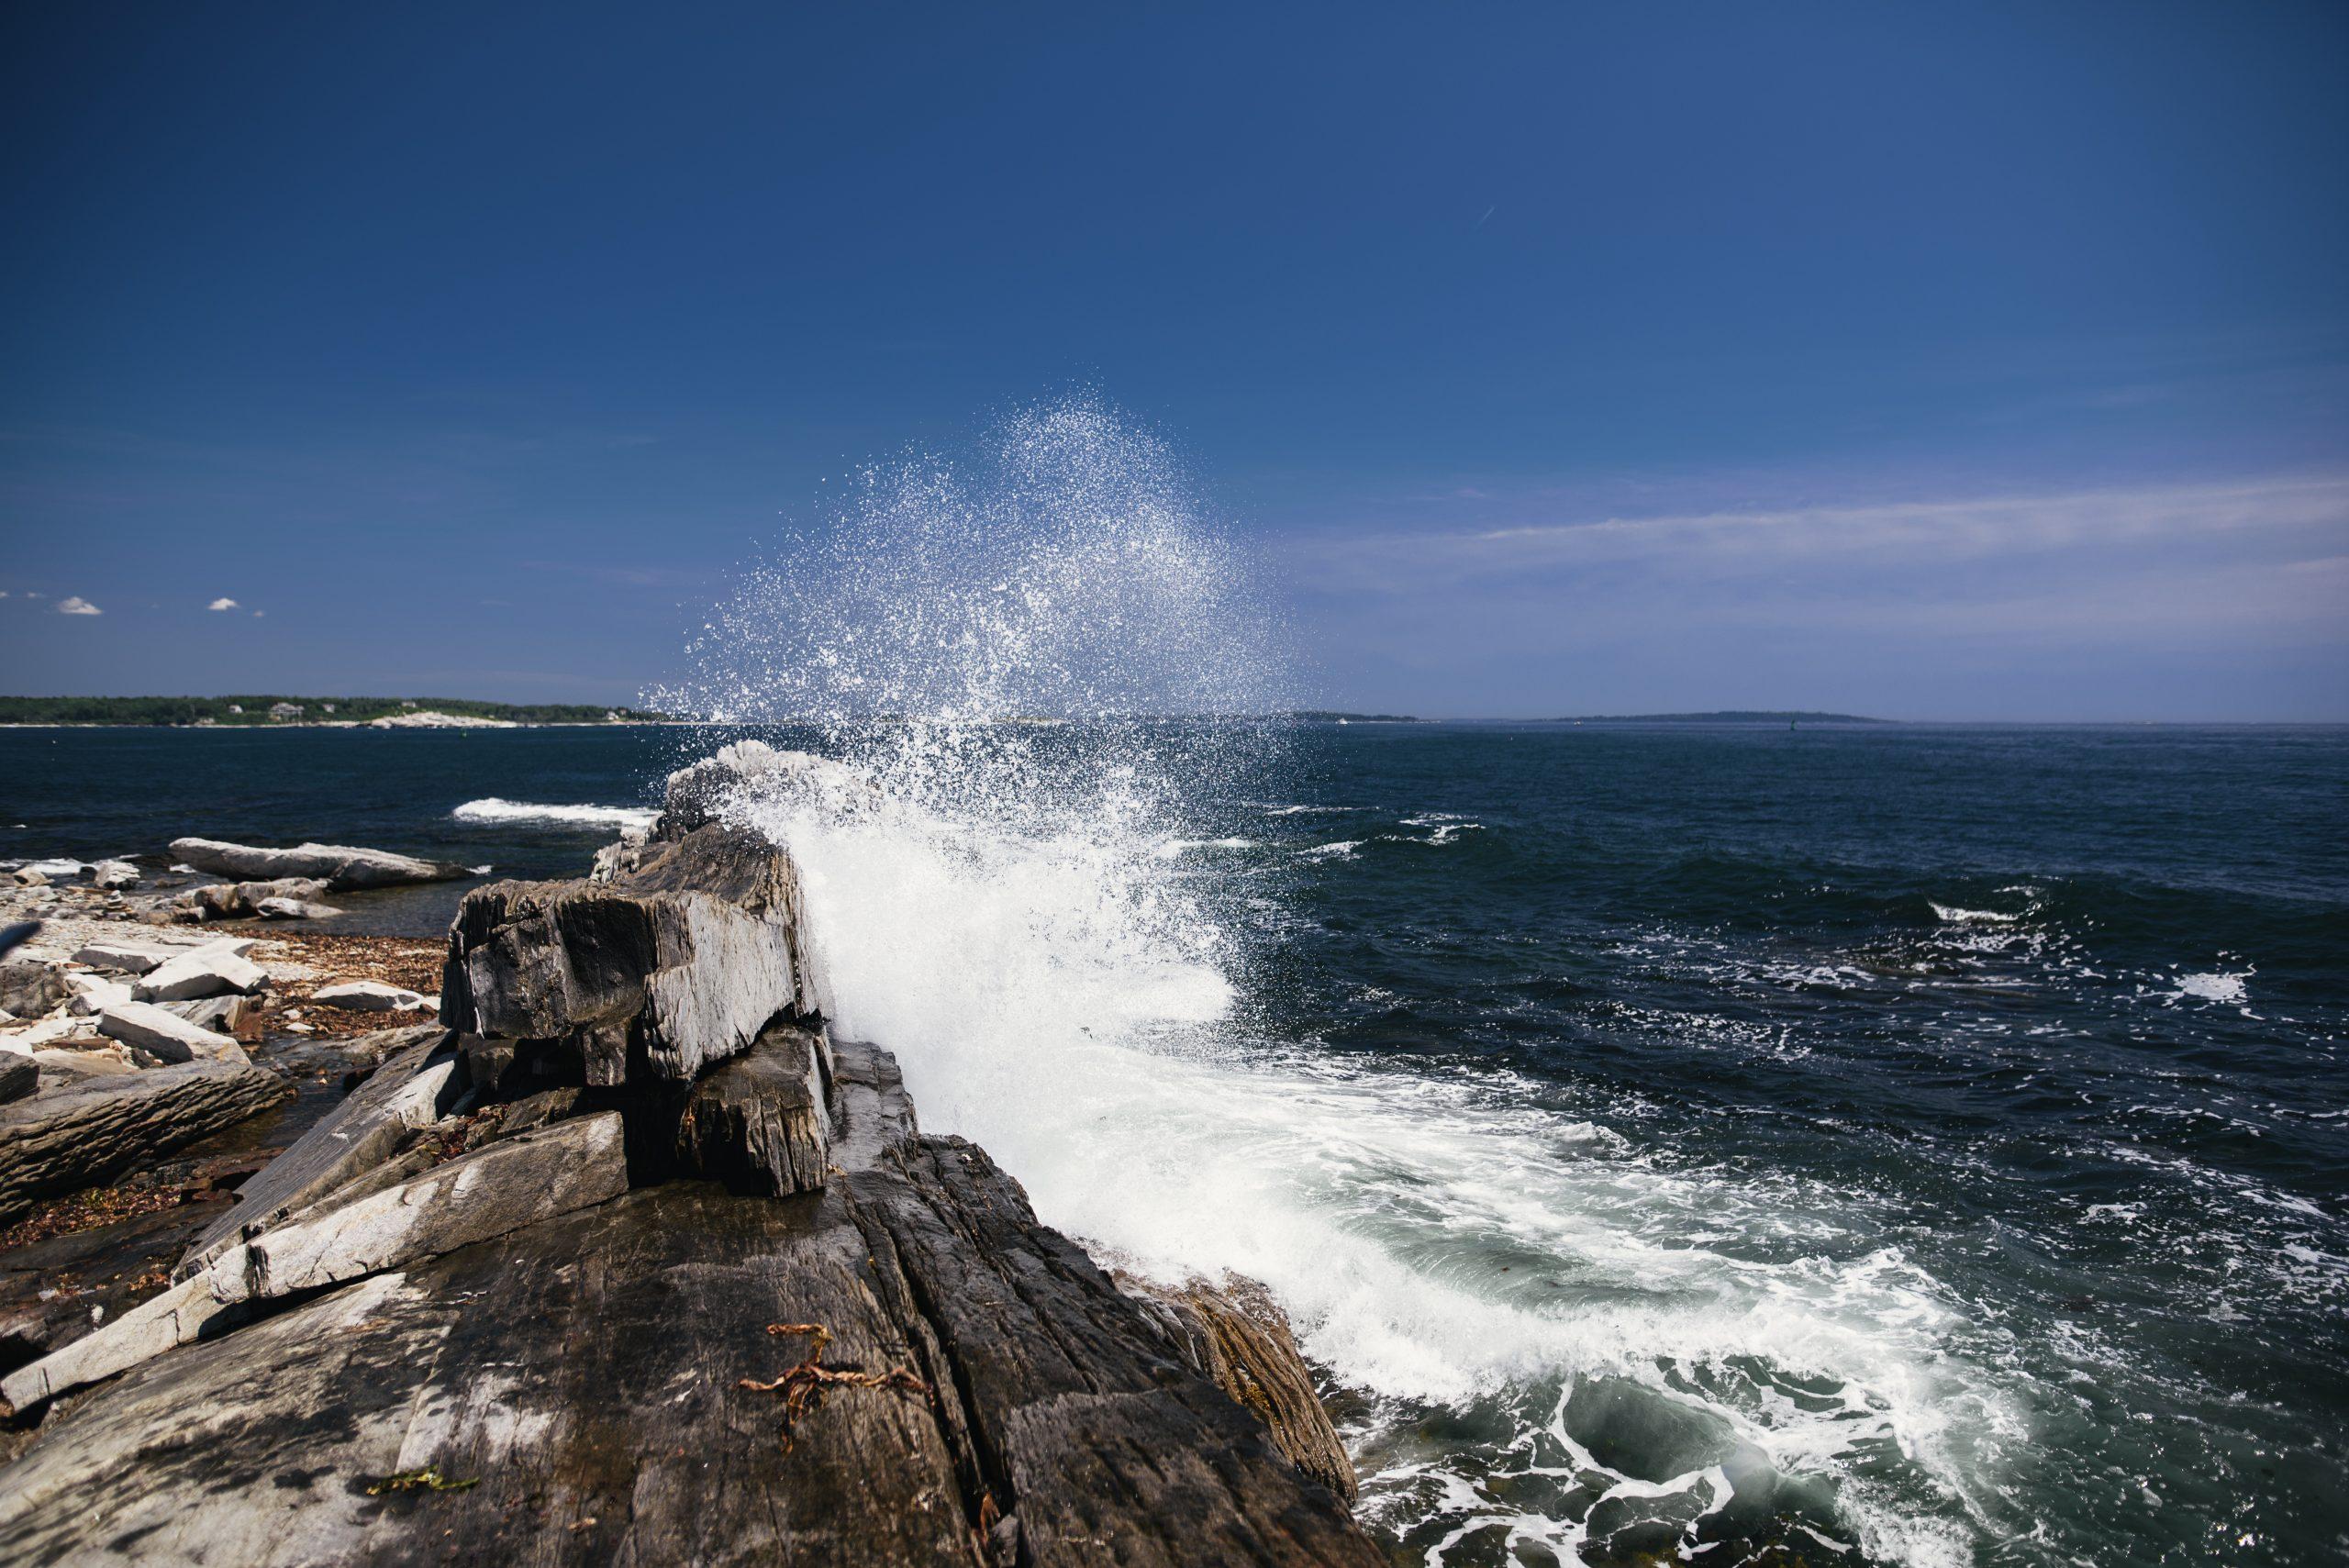 waves-crashing-on-rocks